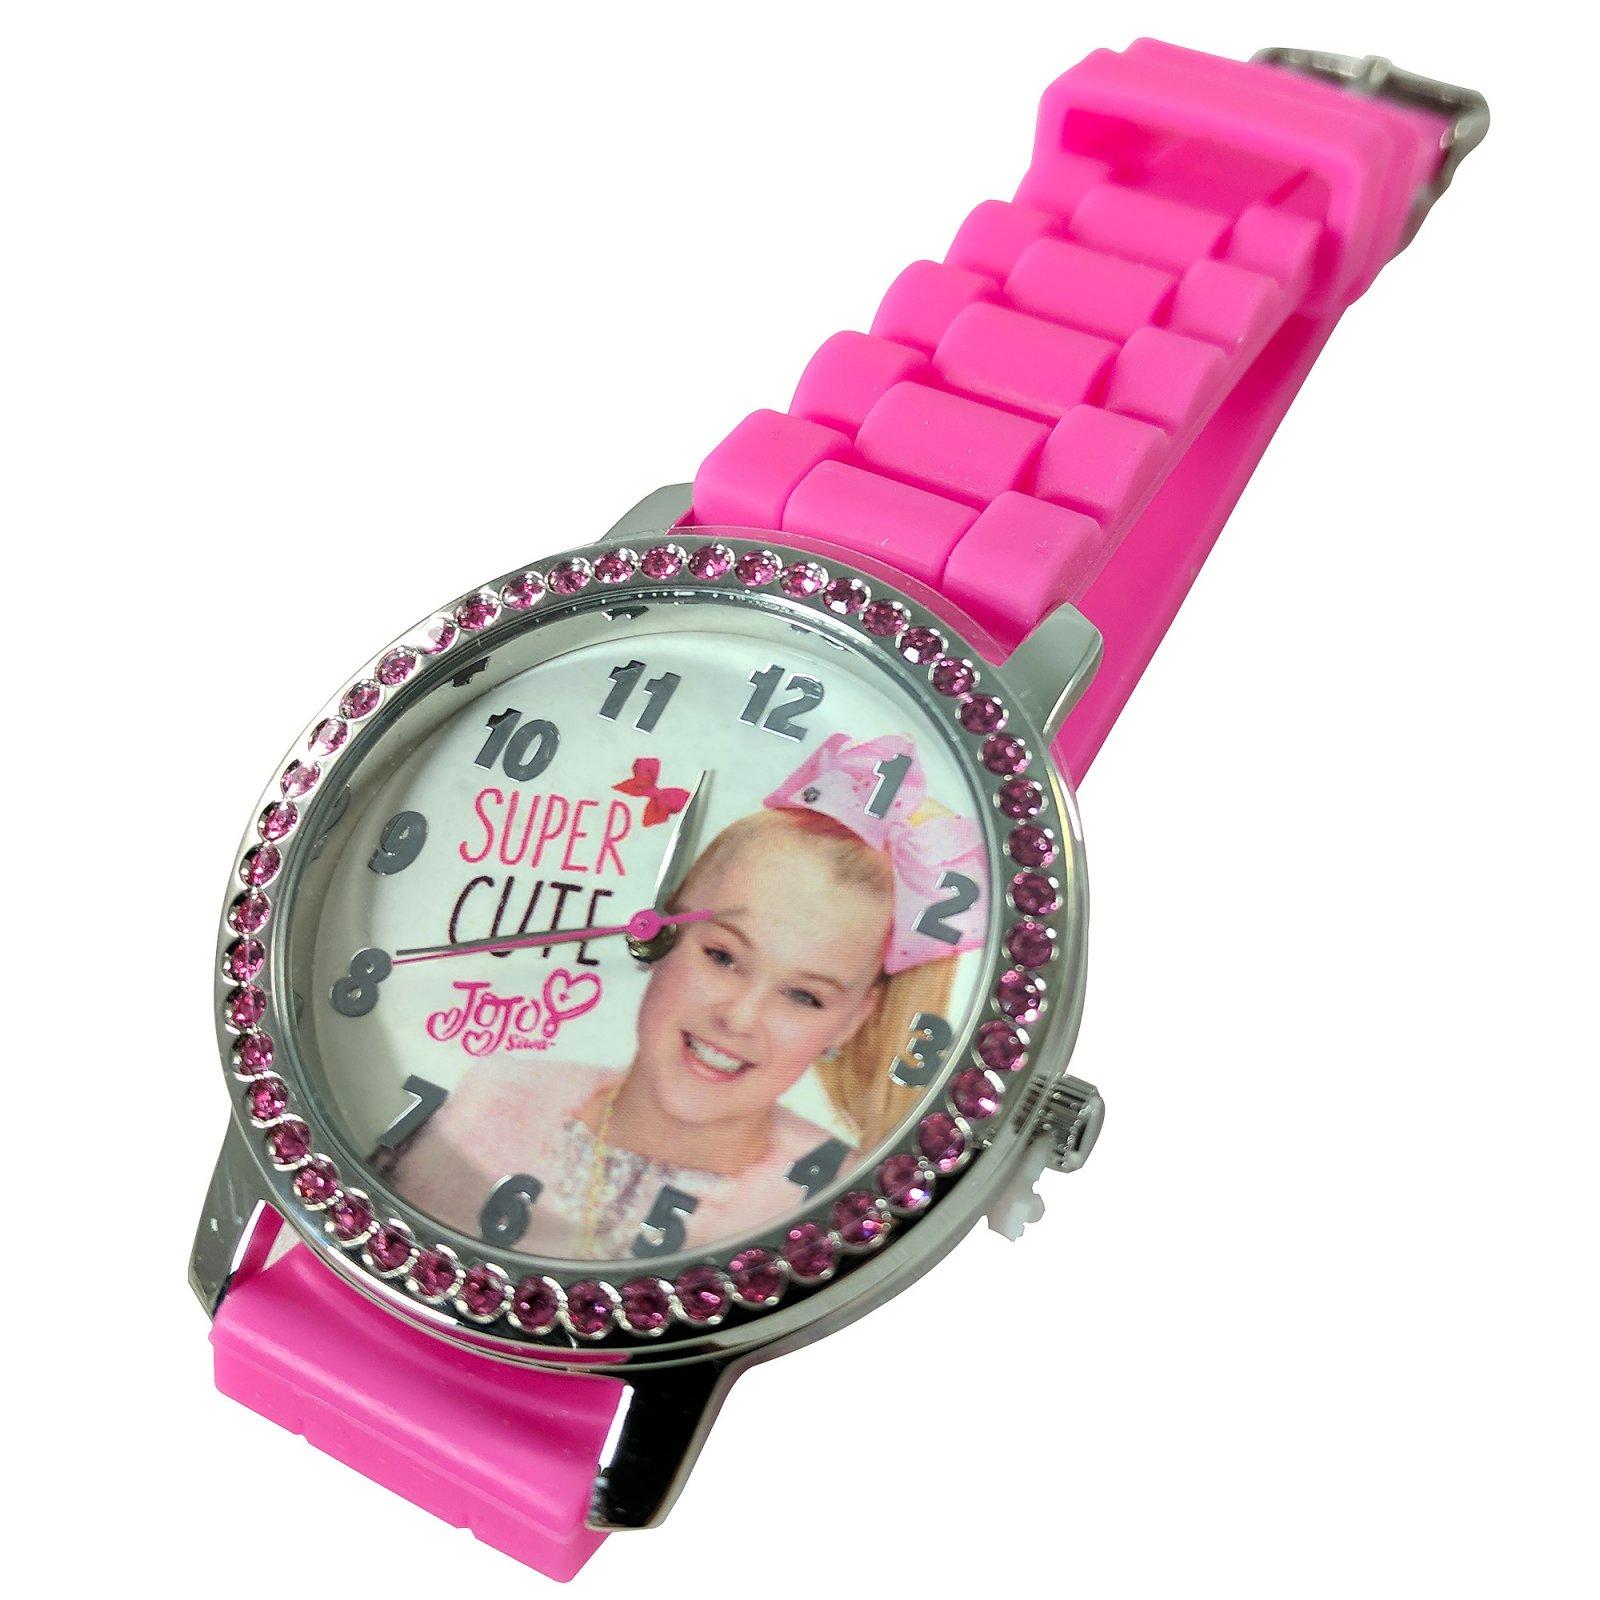 JoJo Siwa Girls Rhinestone Watch Ribbed Band Dress Up - Pink